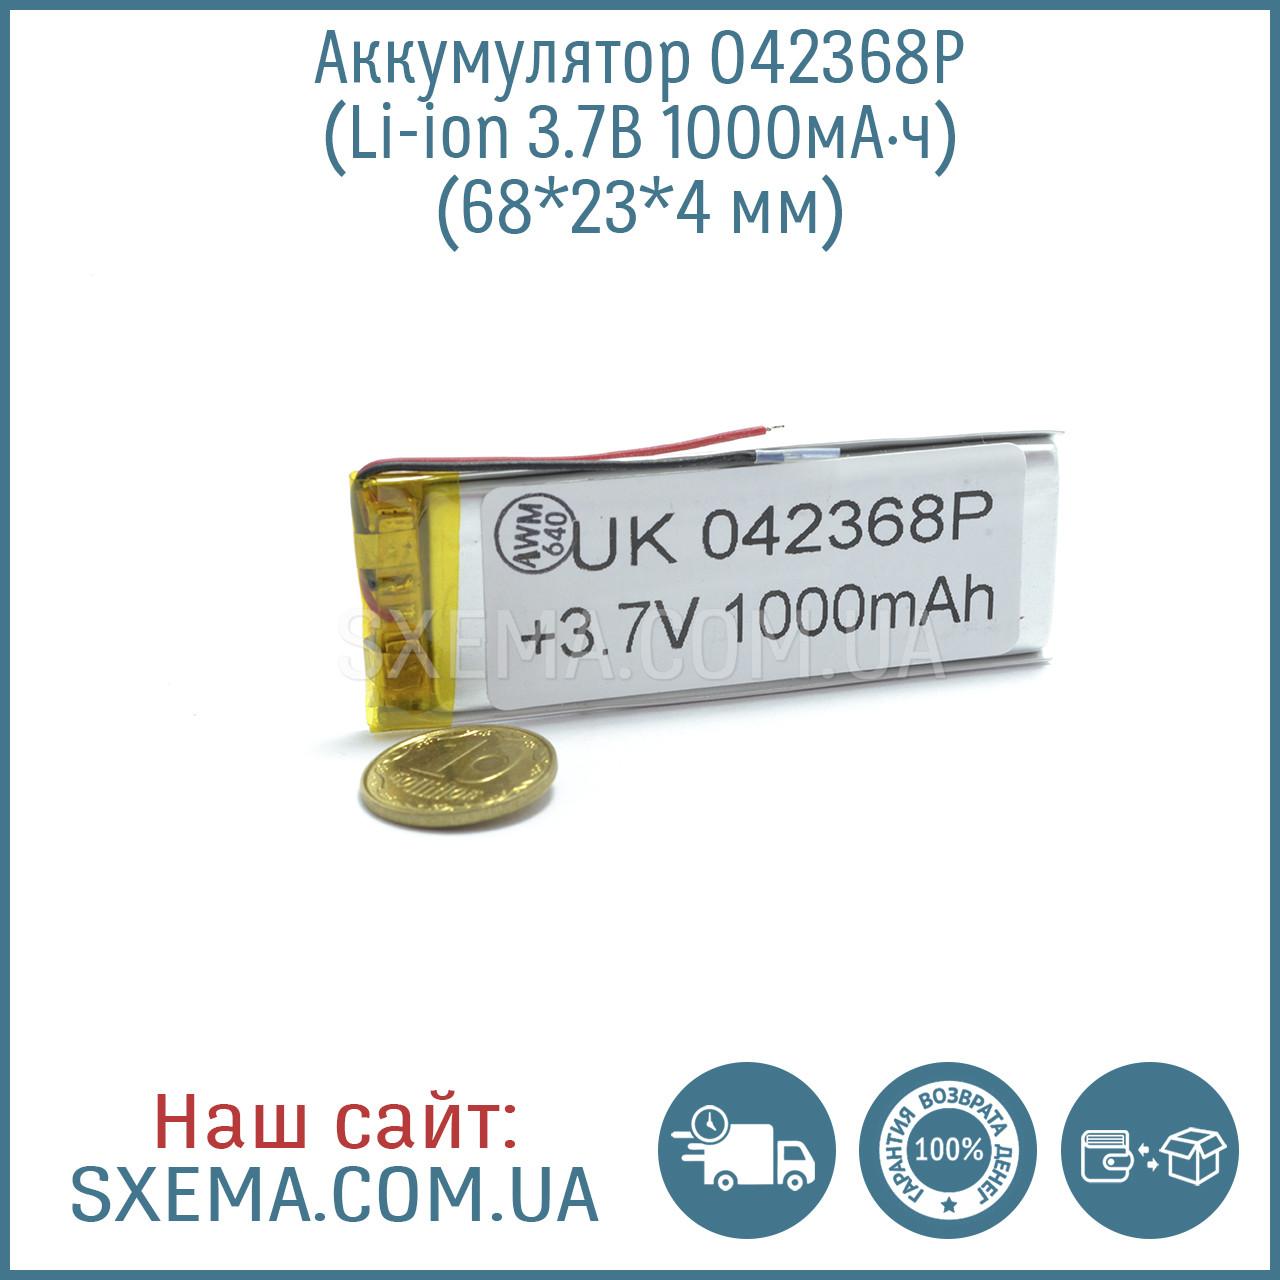 Аккумулятор универсальный 042368 (Li-ion 3.7В 1000мА·ч), (68*23*4 мм)